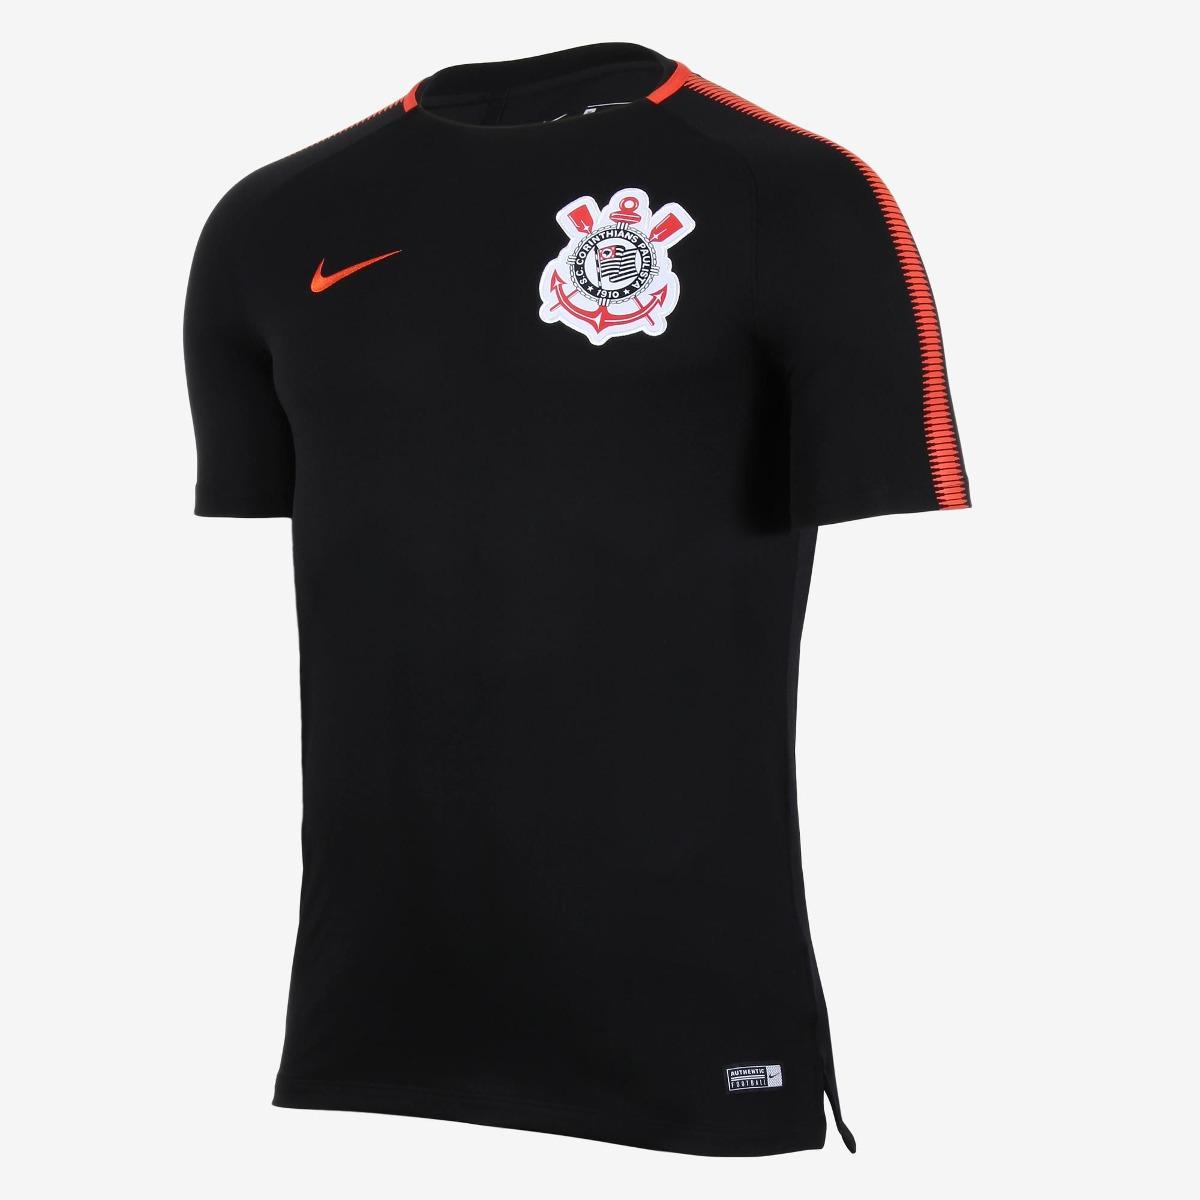 715ae58fcdeac camisa corinthians treino 2018 2019 masculina preto. Carregando zoom.